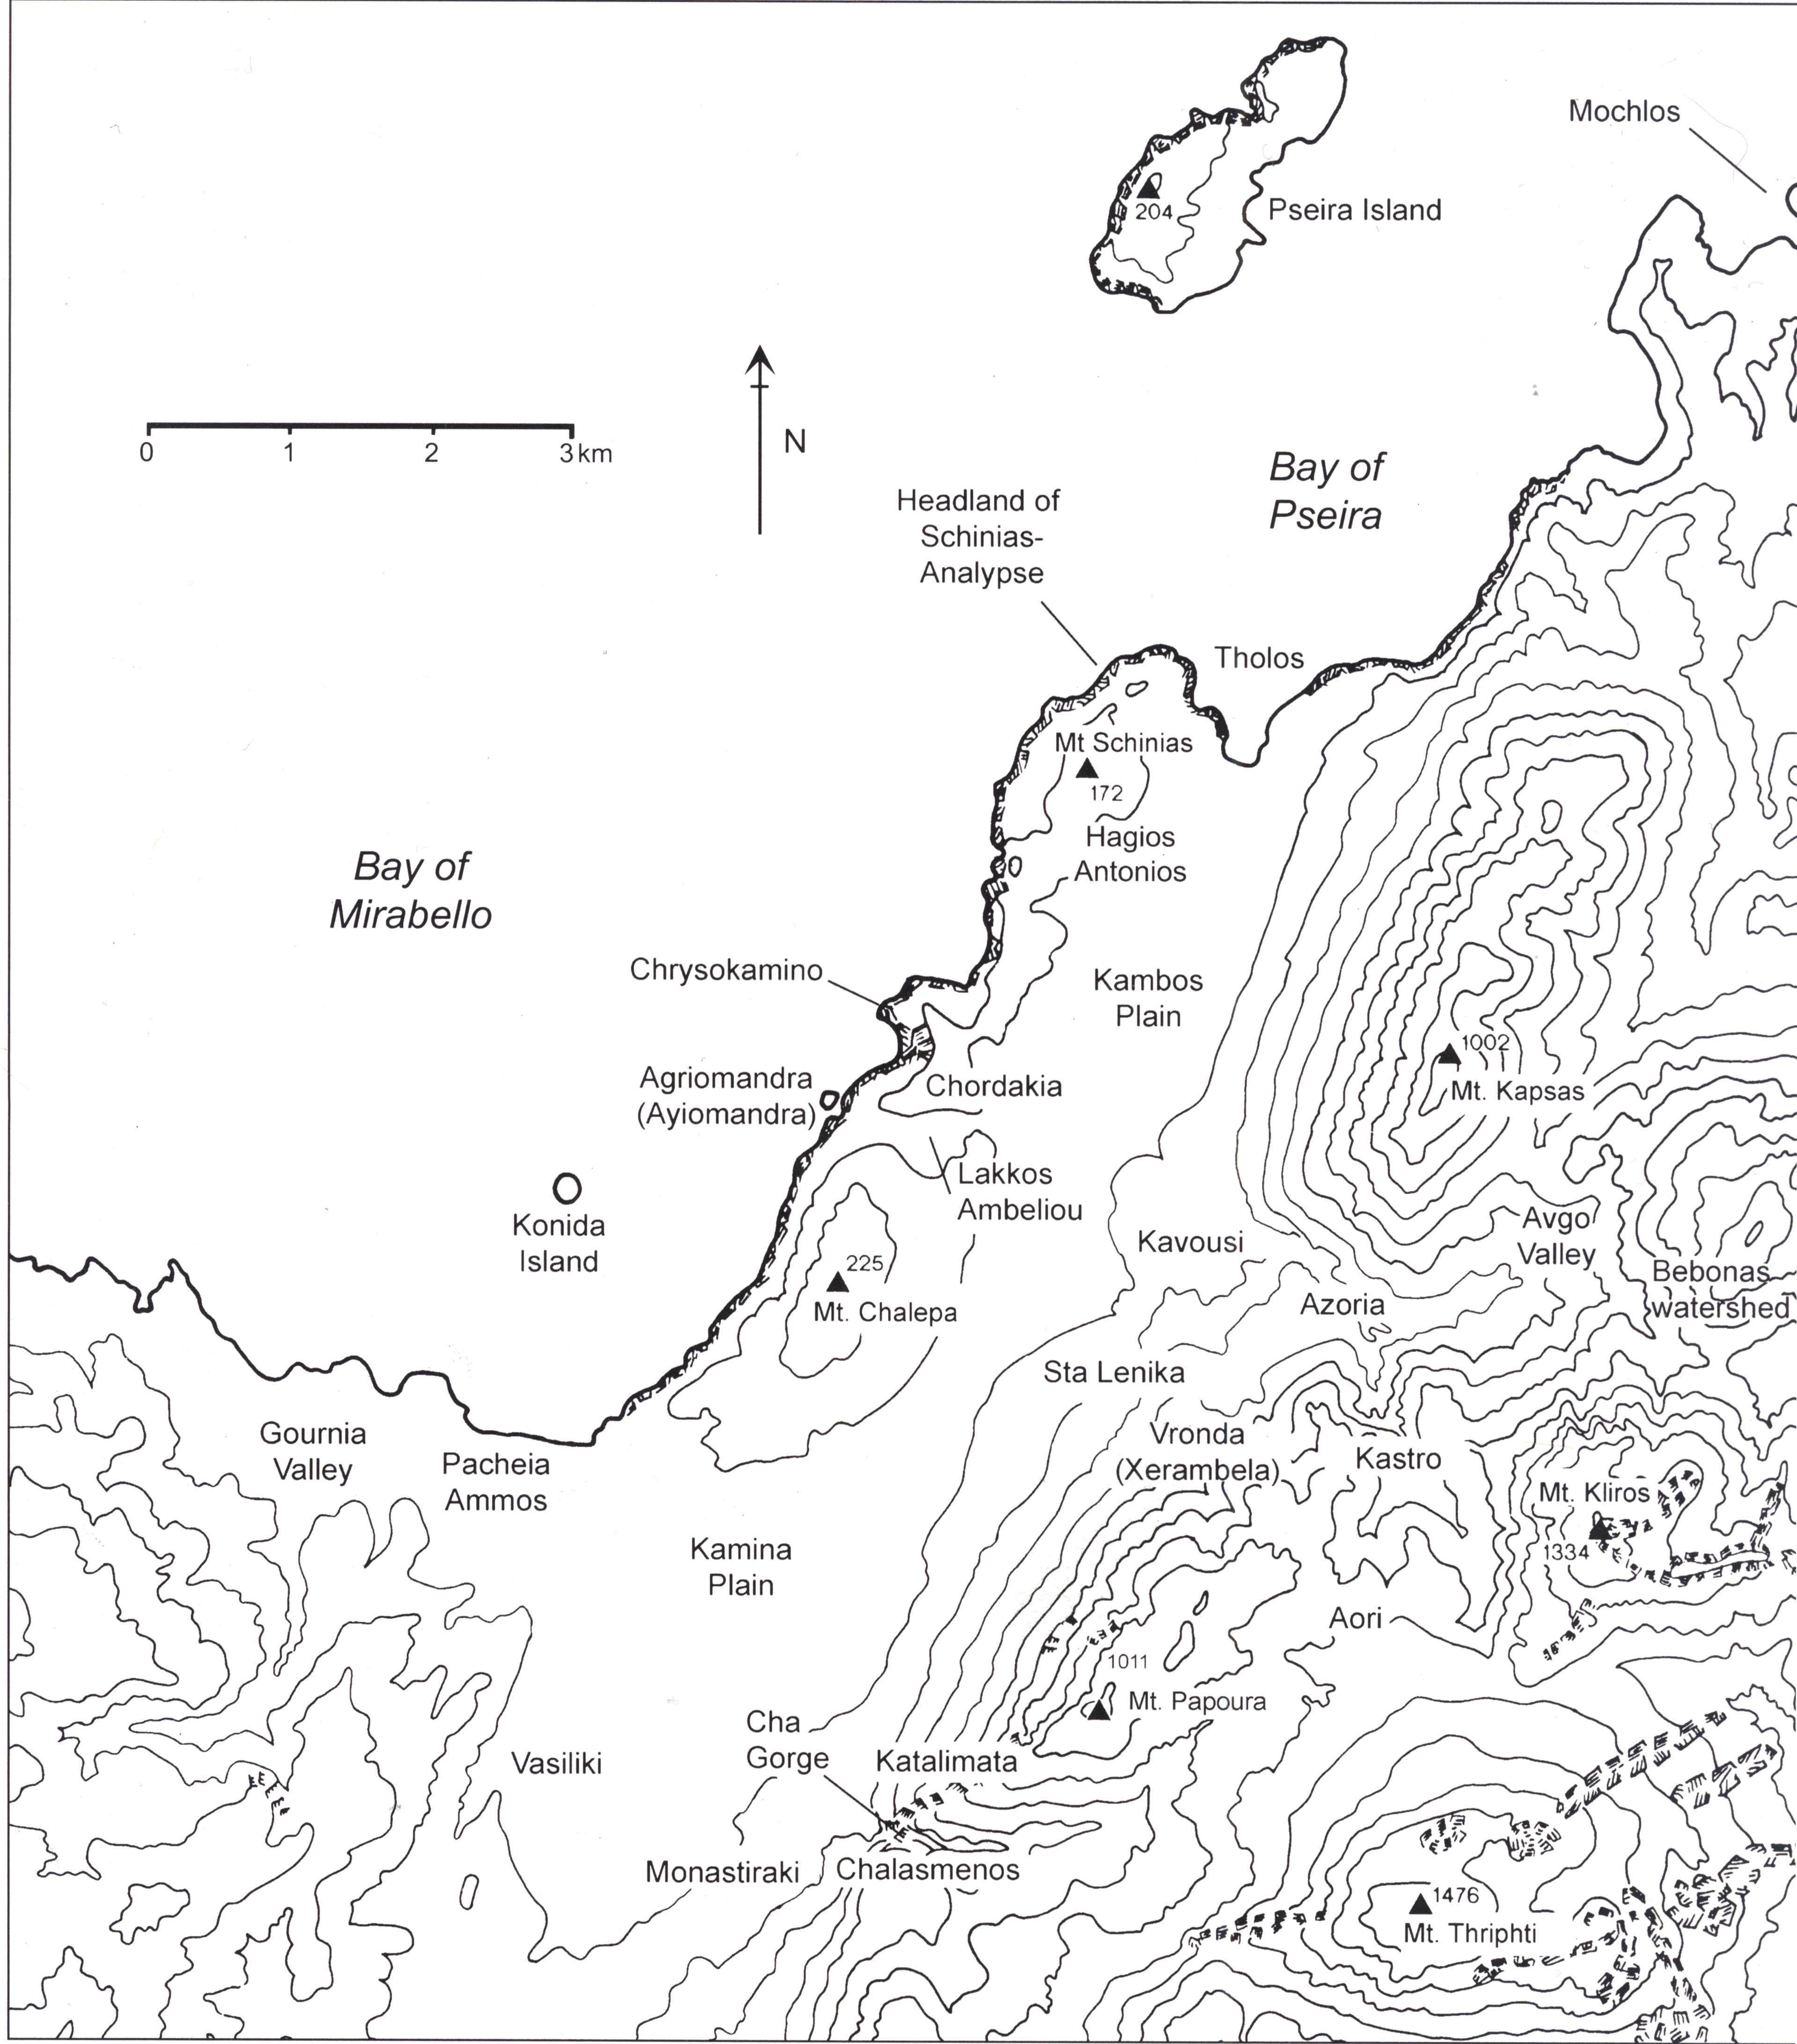 total survey area